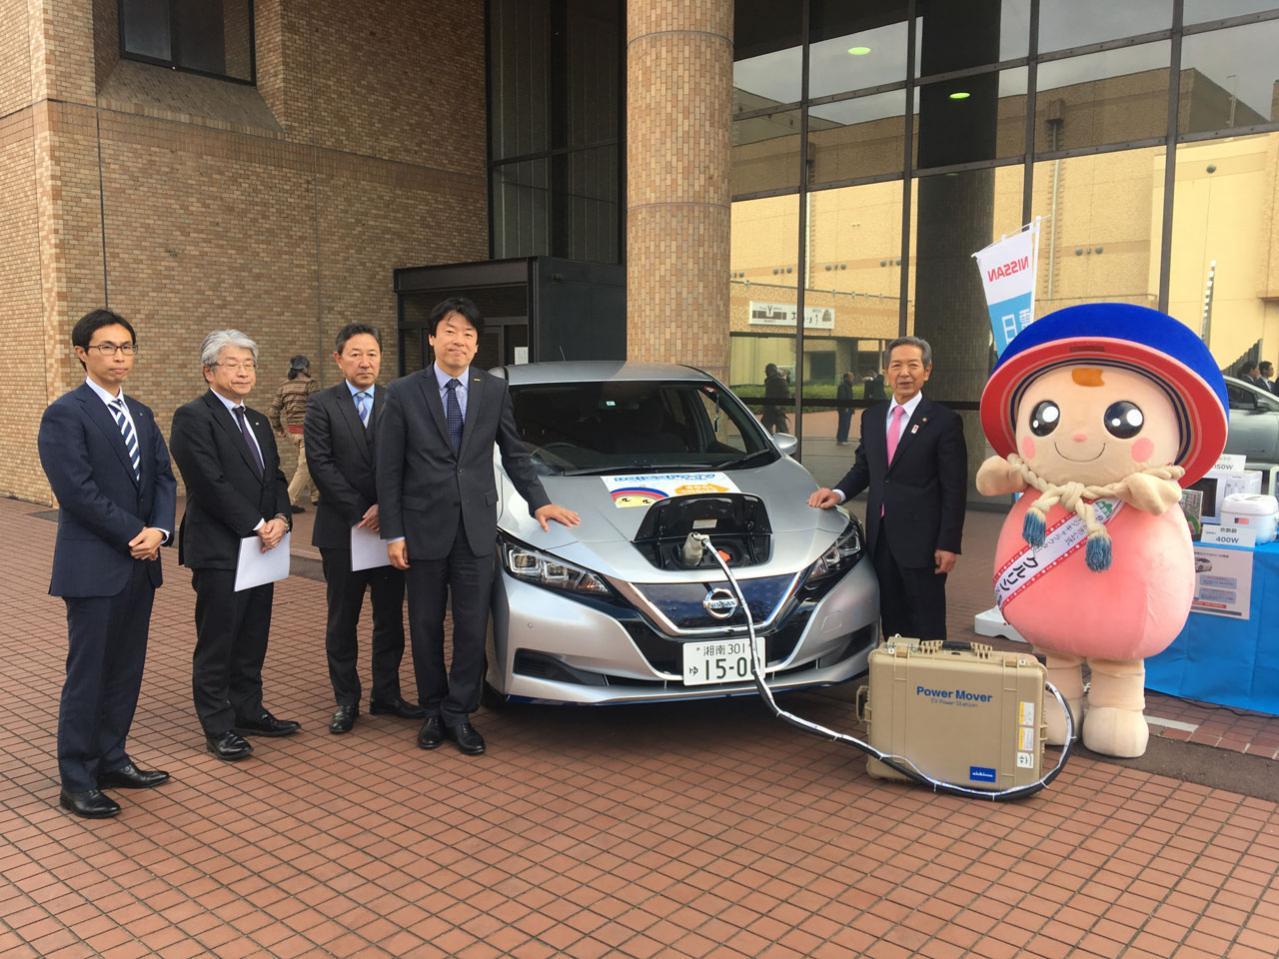 日産自動車が伊勢原市とEVを活用した「災害連携協定」を締結。停電の恐れが生じた場合はリーフを無償貸与